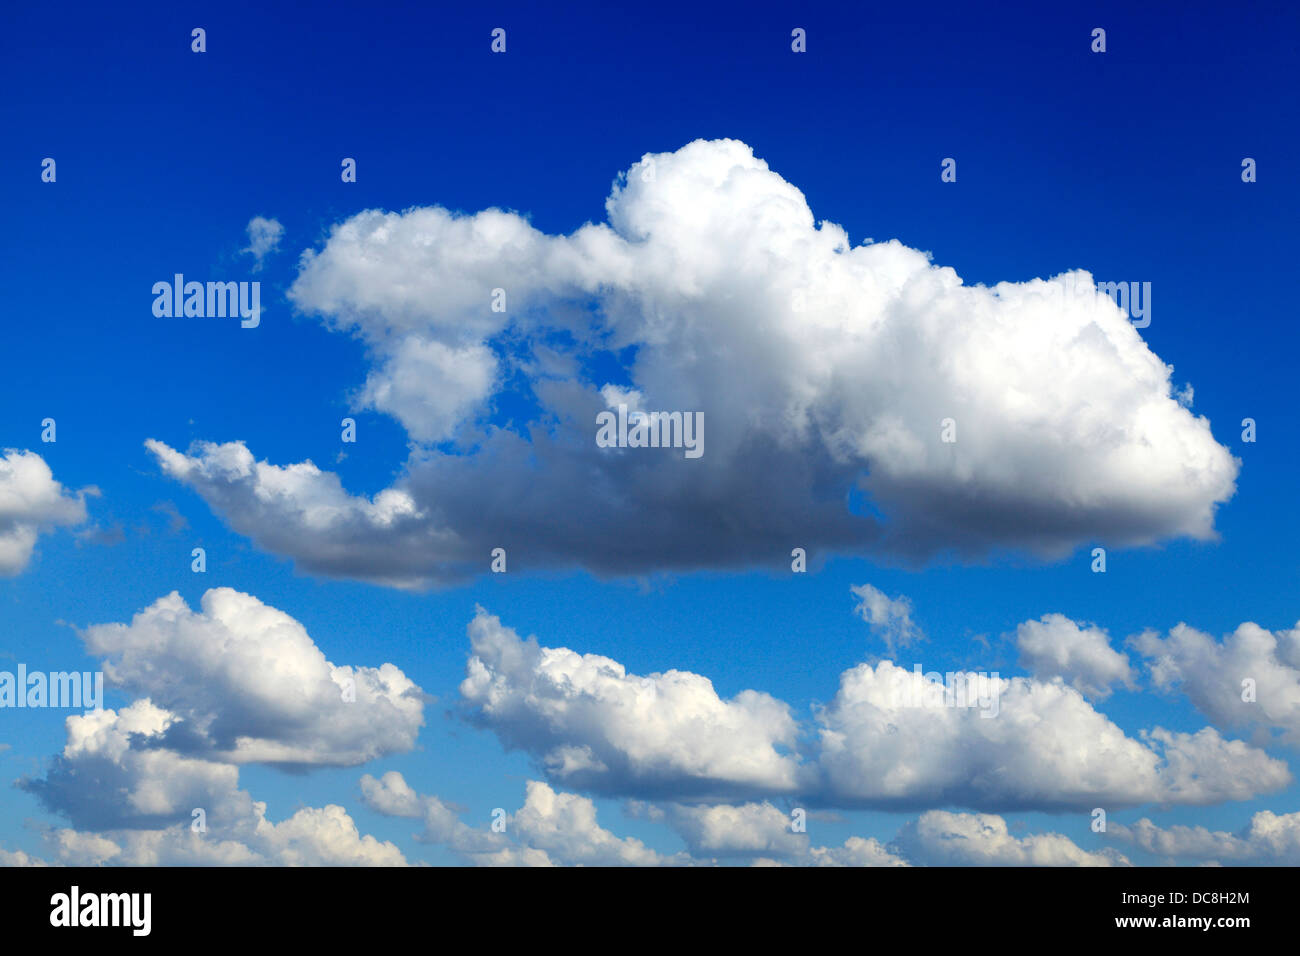 Ciel bleu, blanc ciel nuage nuages cumulus puffy météo météorologie background Photo Stock